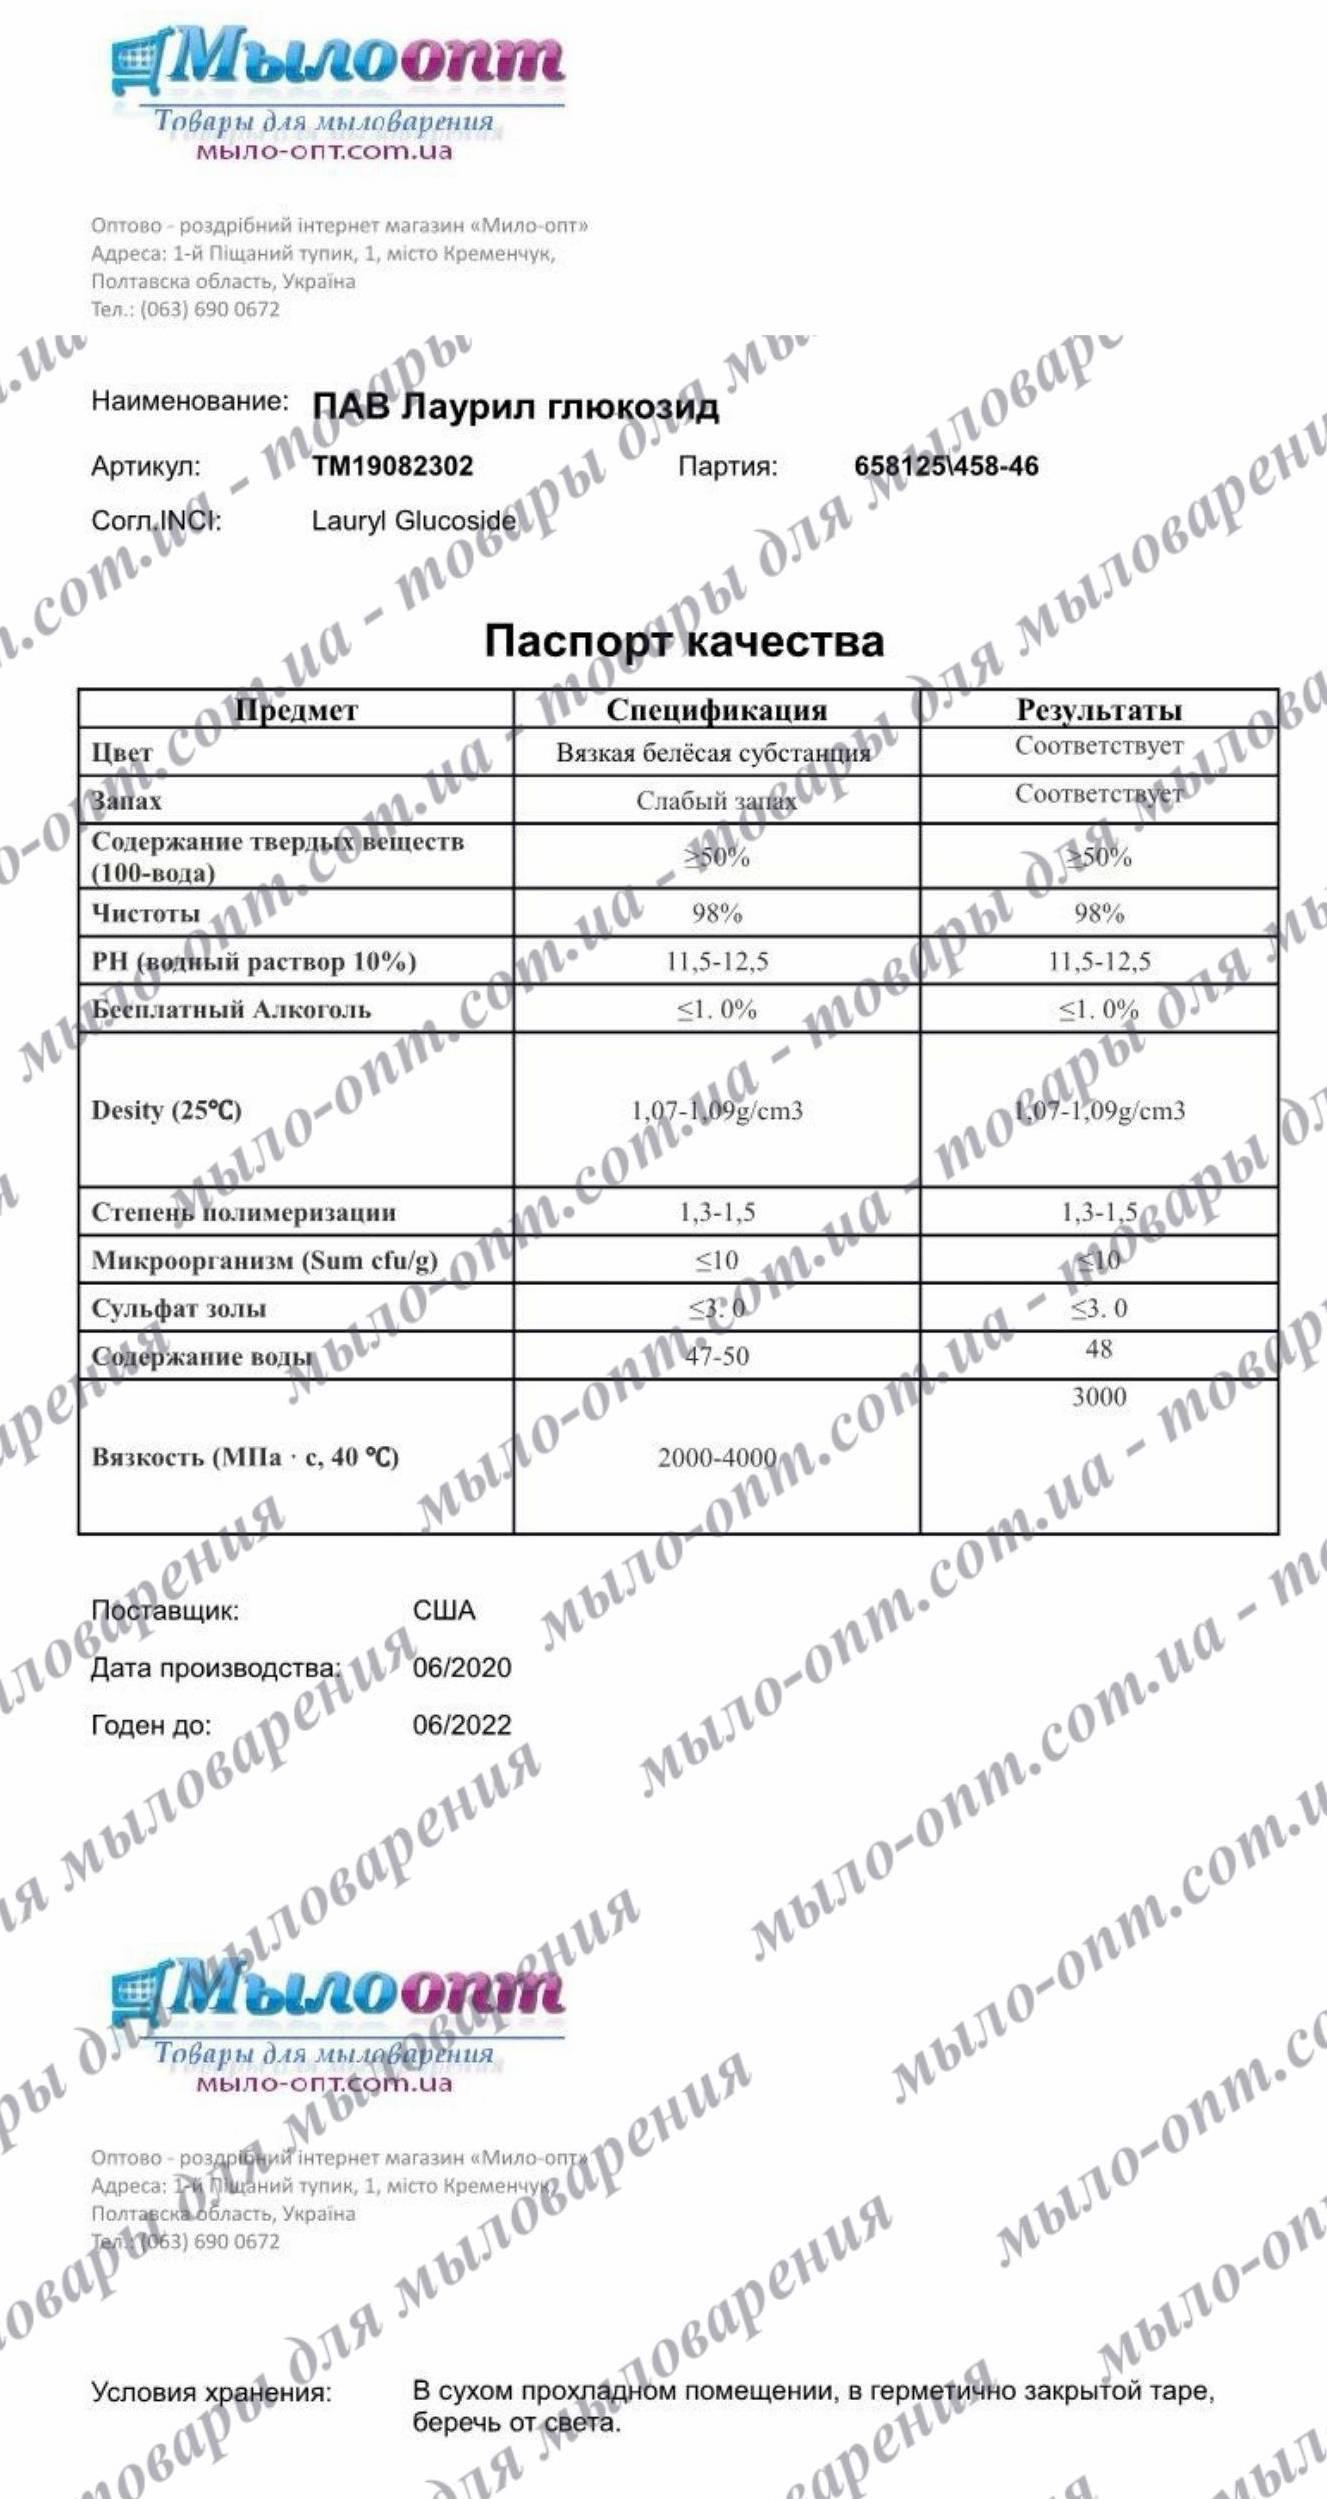 ''Бесплатный алкоголь'': сертификат качества (химический юмор). ''Free alcohol'': quality certificate (chemical humor)